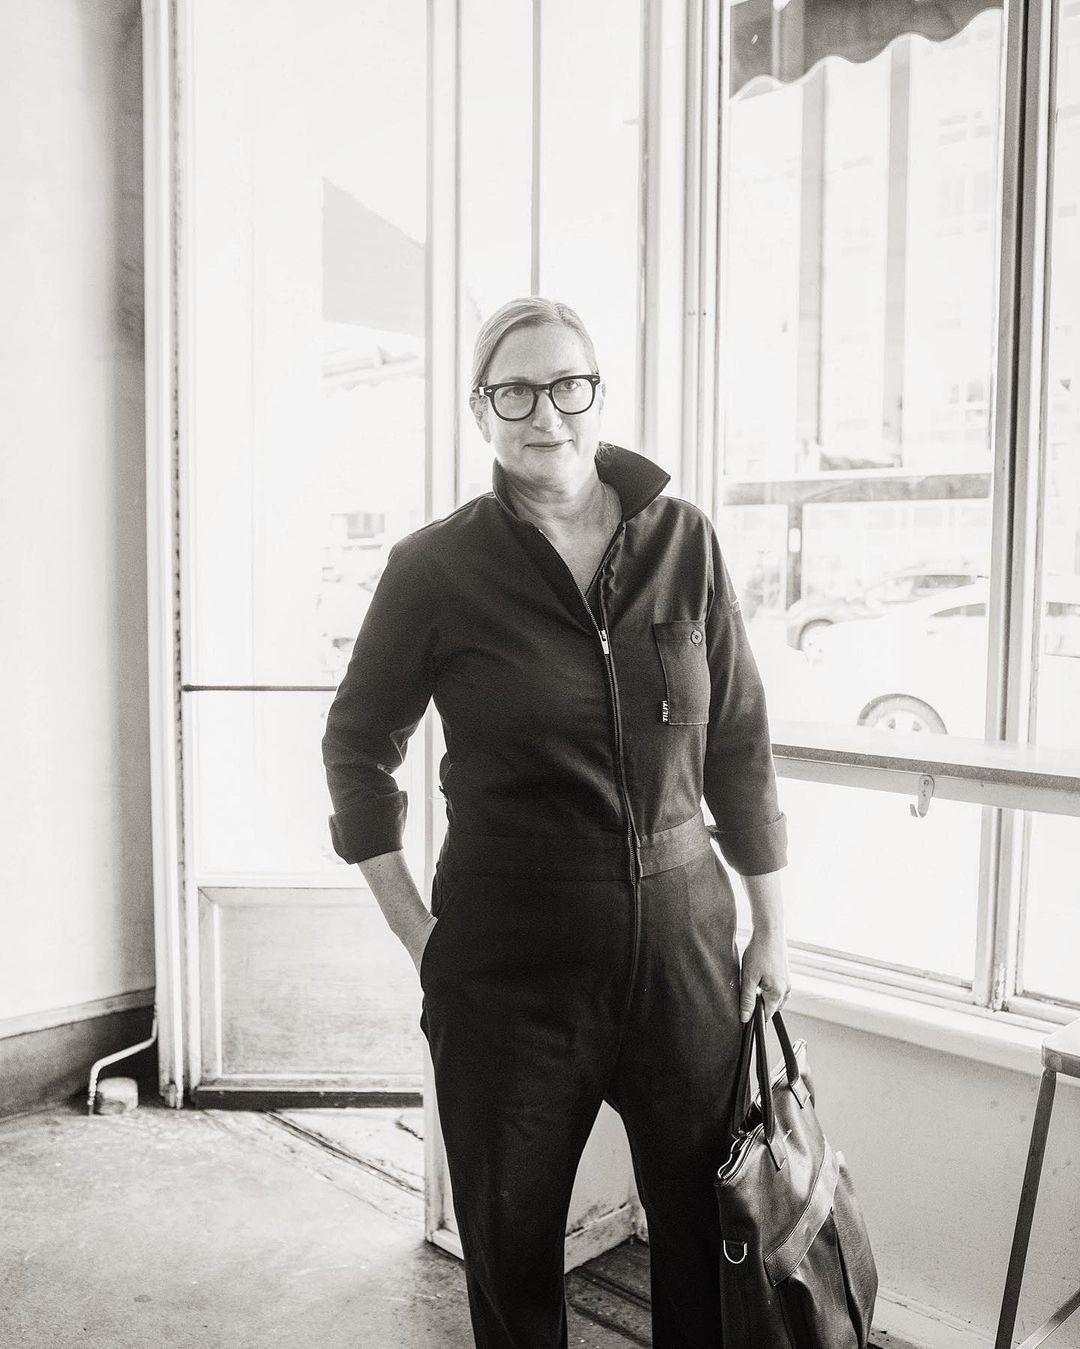 «Я хочу делать людей счастливыми»: знаменитая шеф-повар Мисси Роббинс рассказала о своём трудном пути к мечте